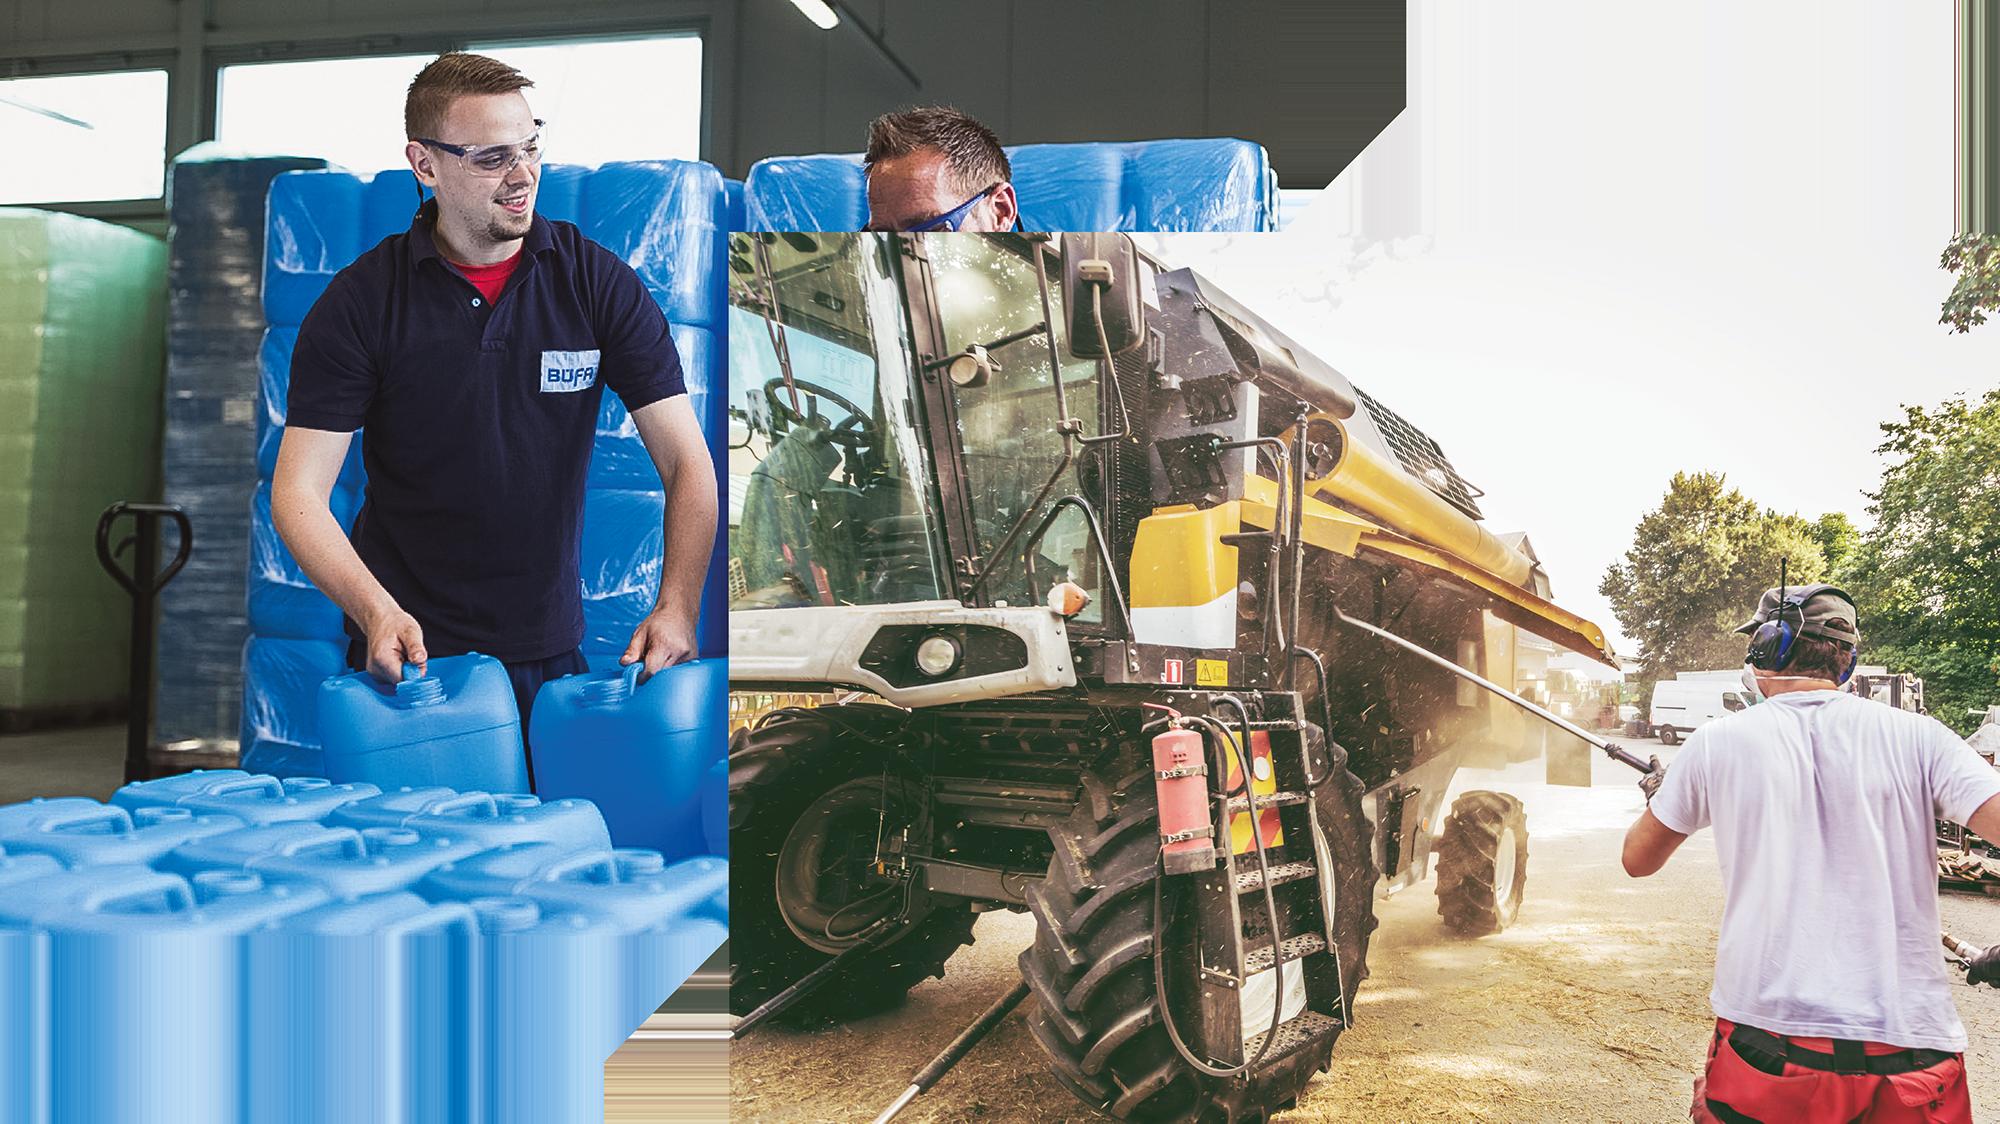 Zwei Bilder von Reinigung einer Landmaschinen und stapeln einer Palette